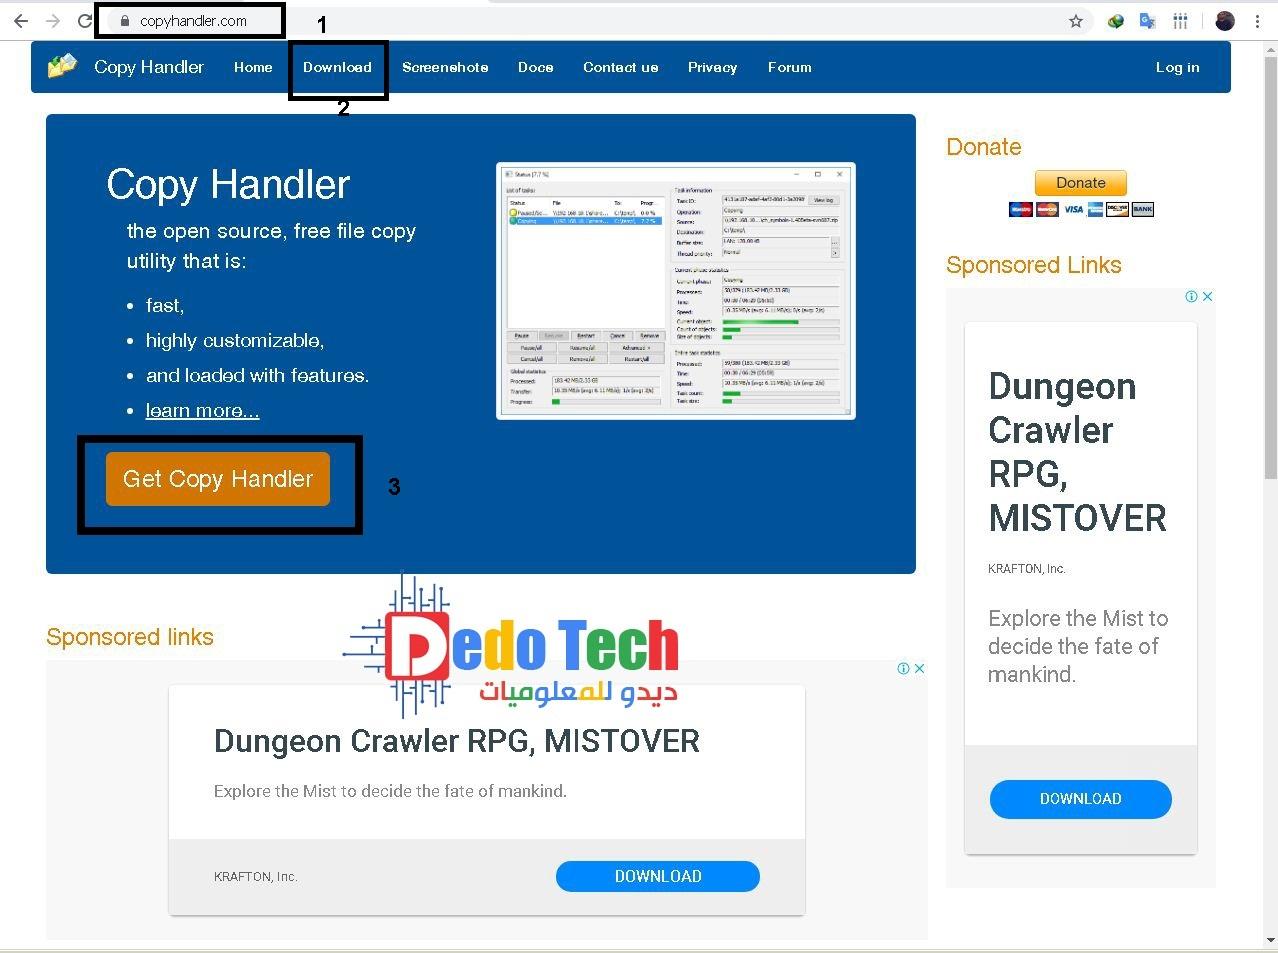 صفحة تحميل برنامج كوبى هاندلر copy handler